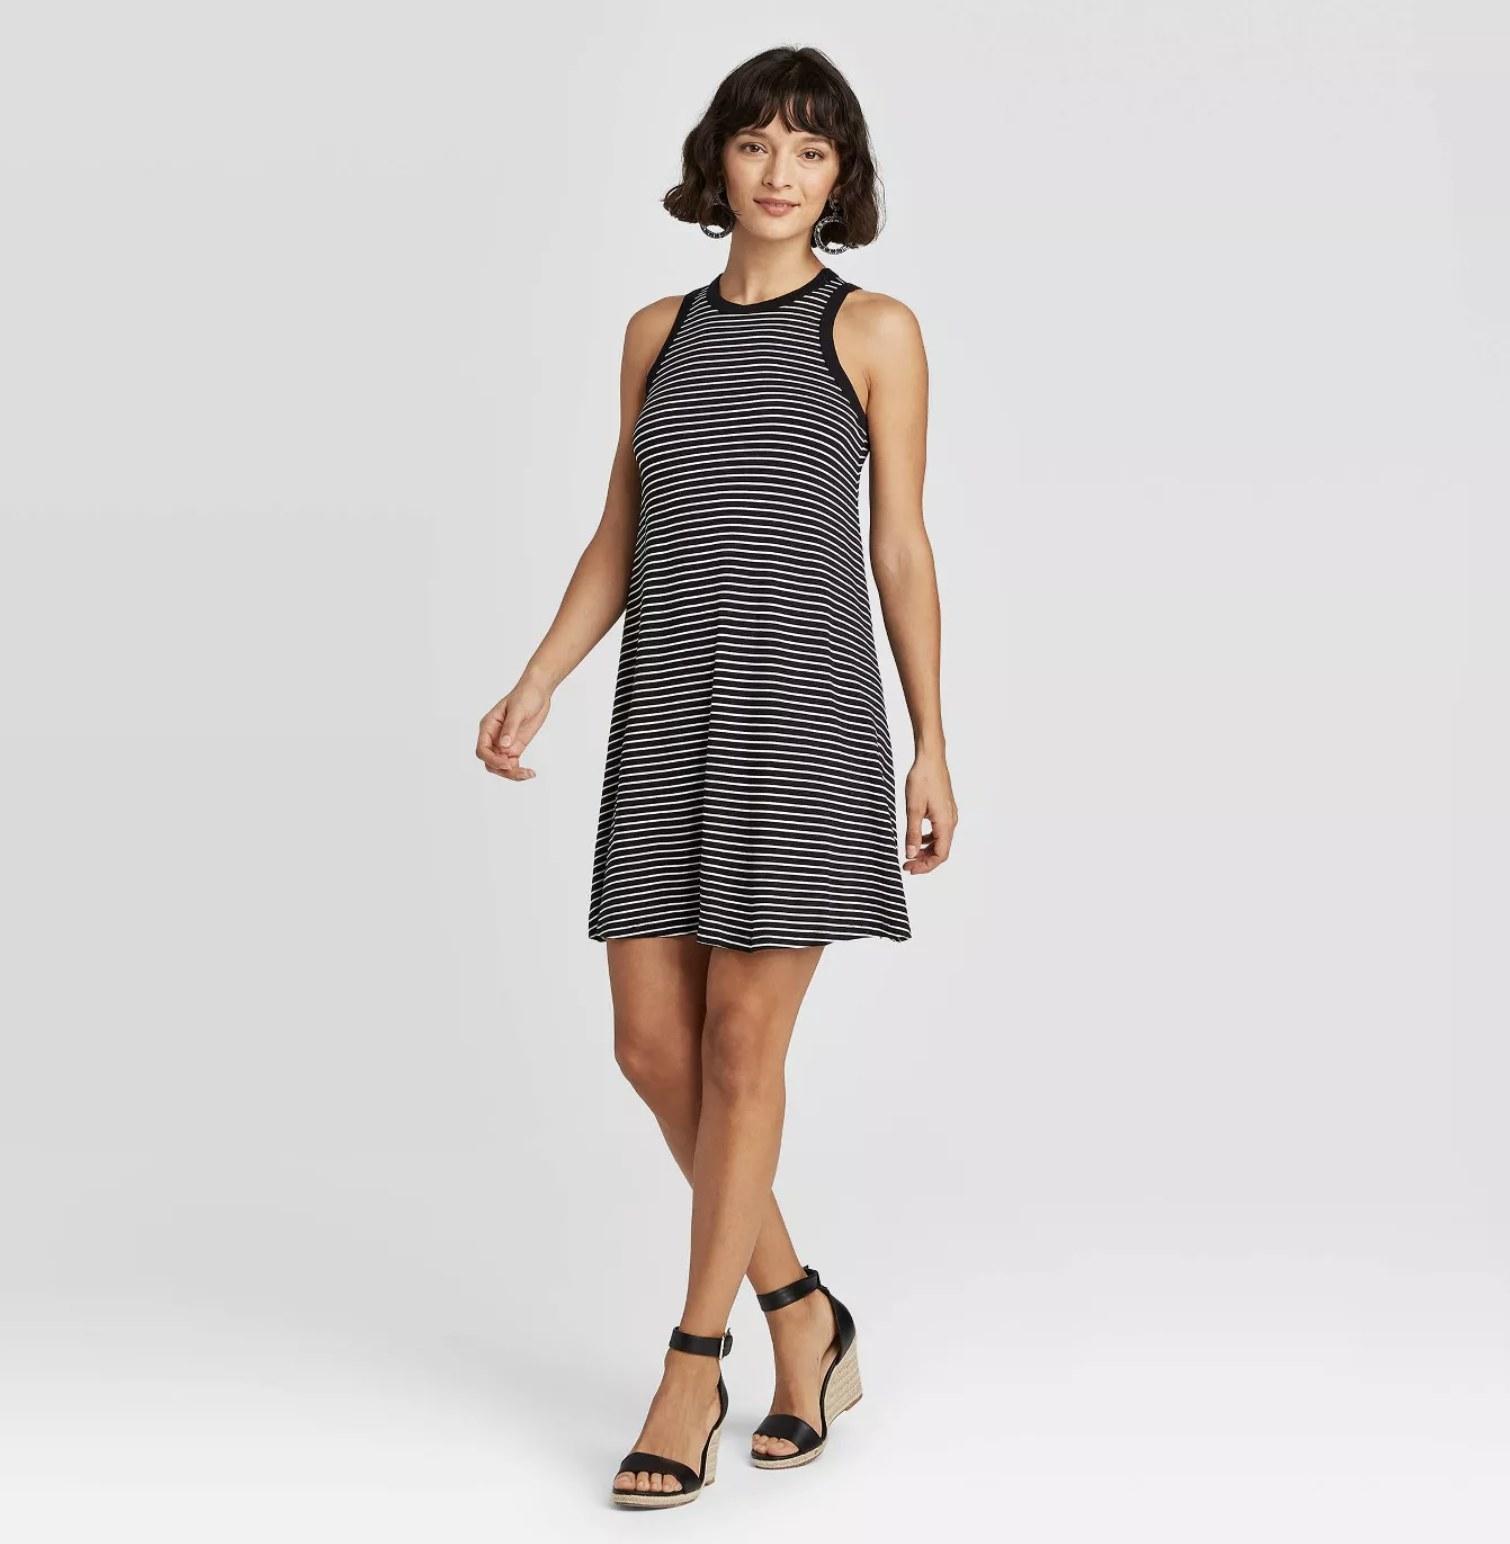 Model wearing the striped tank dress